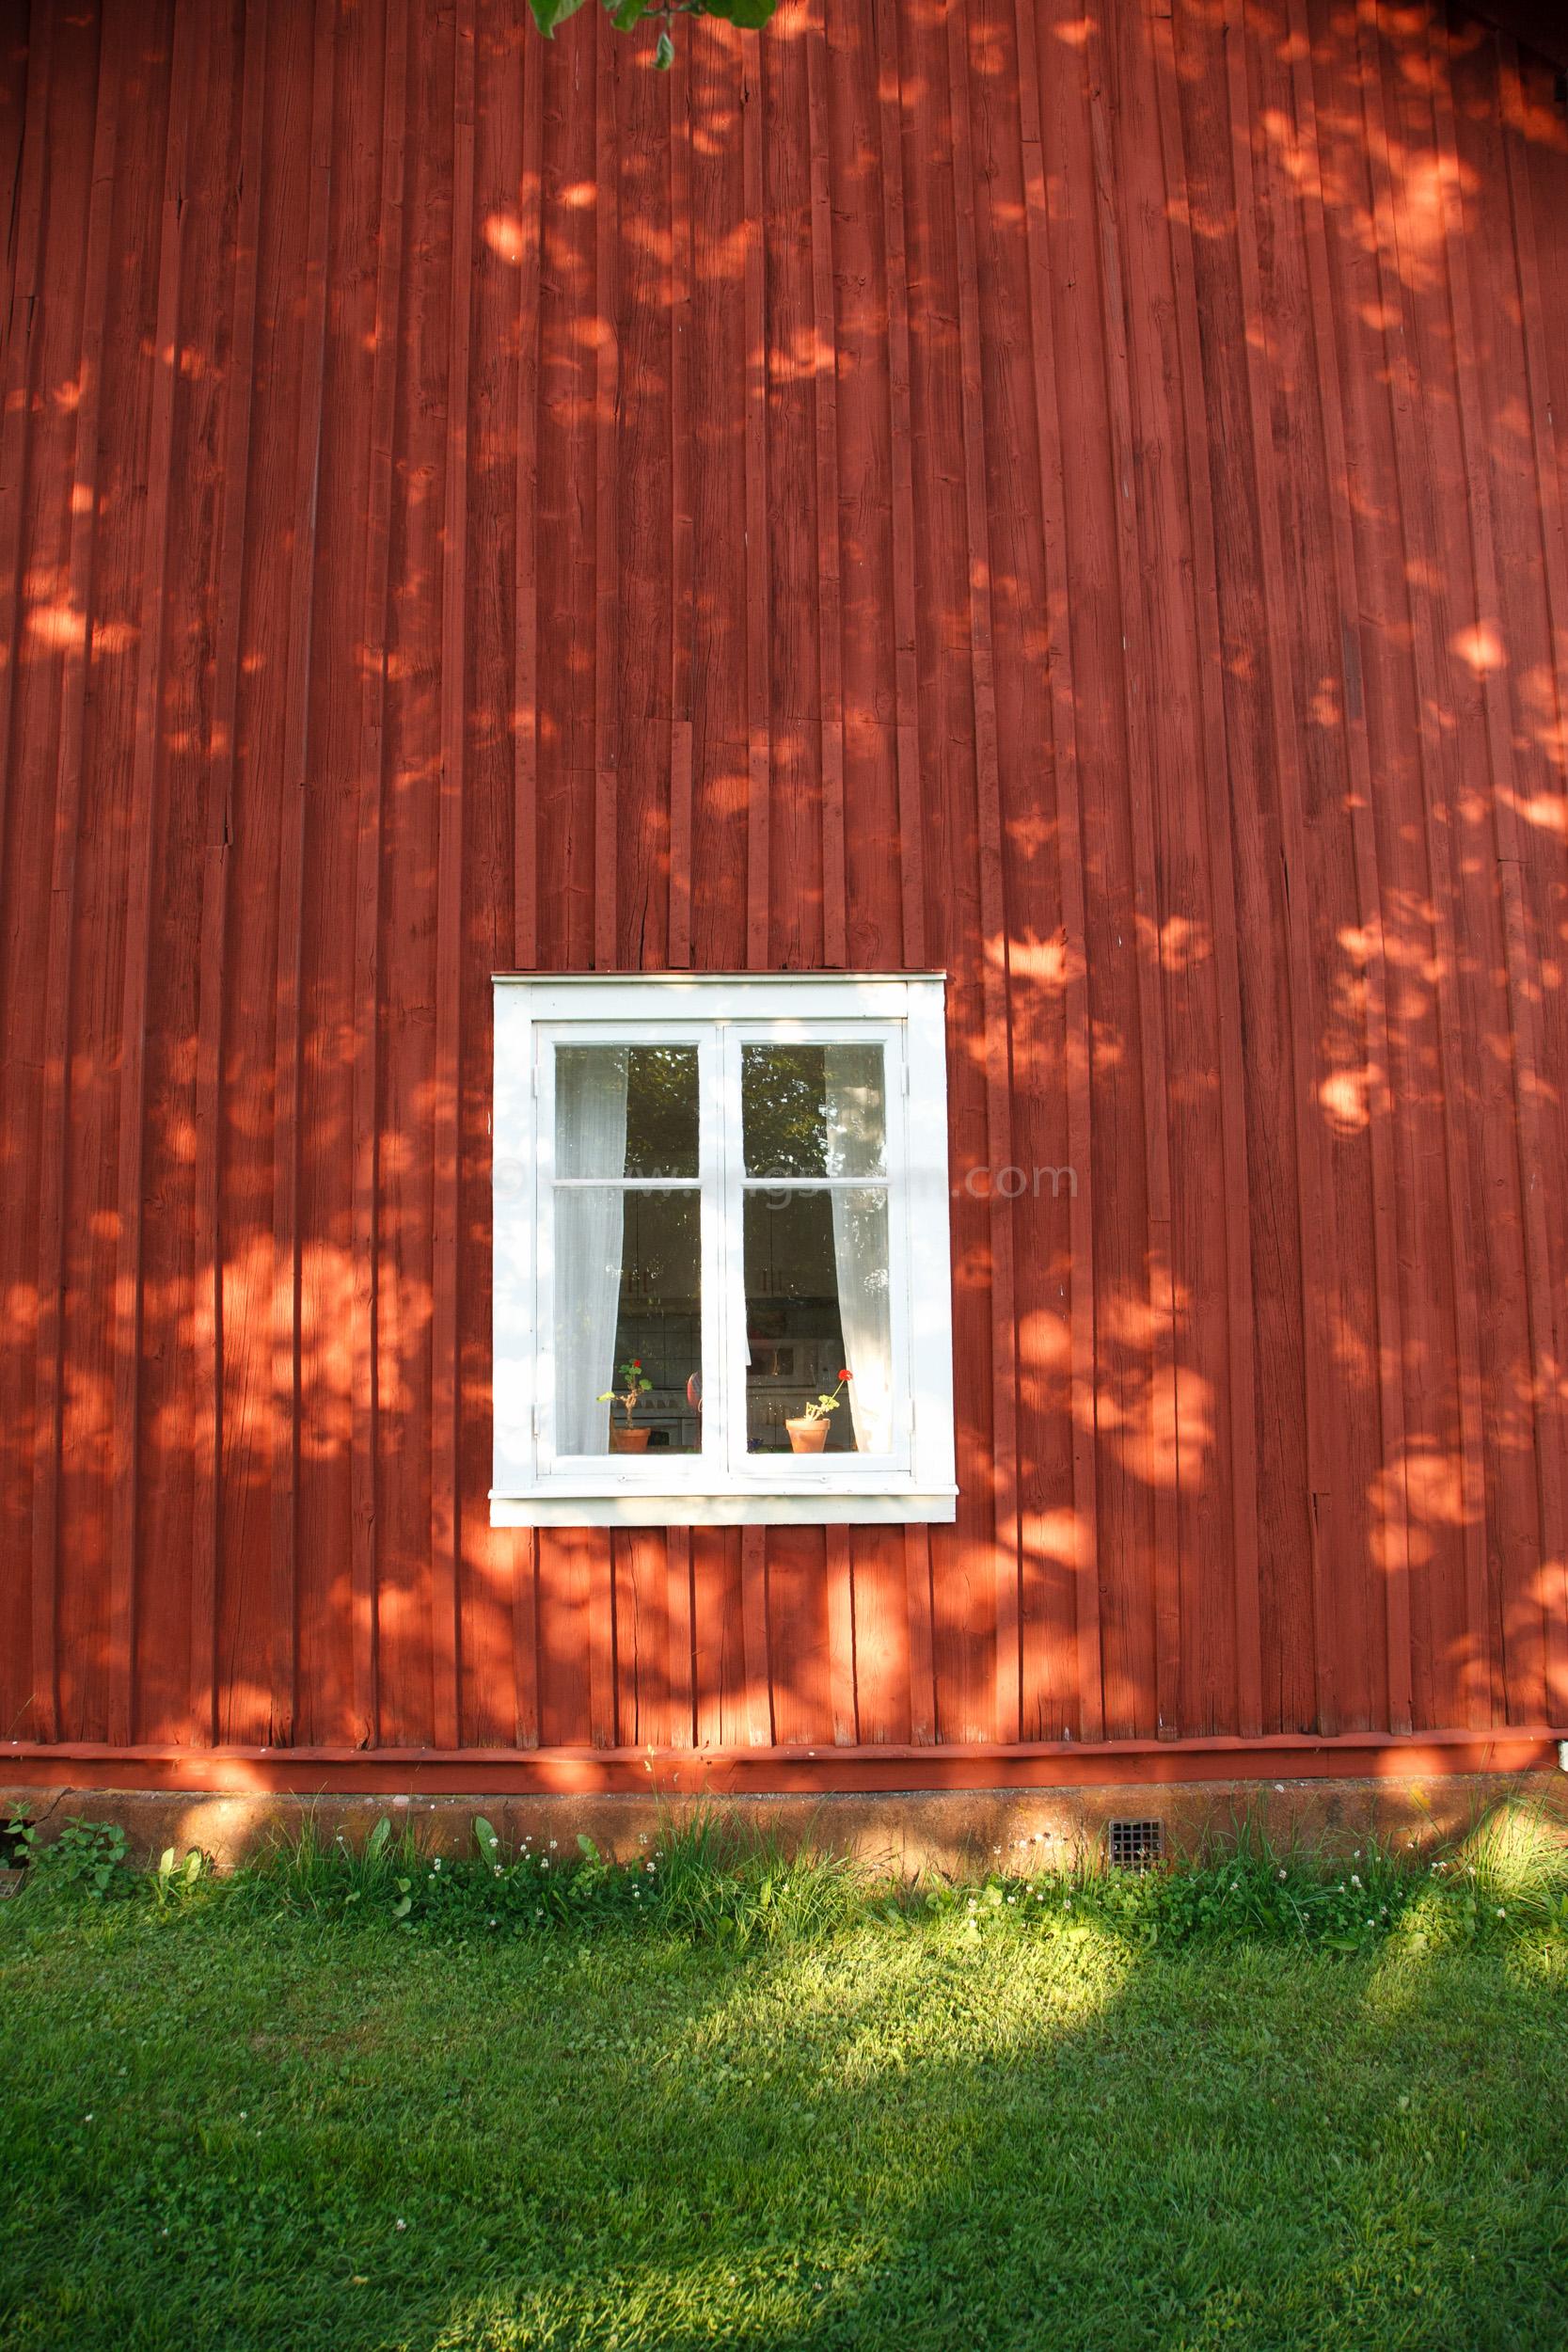 JE_20110707-192929, Falurött hus, Jonas Engström